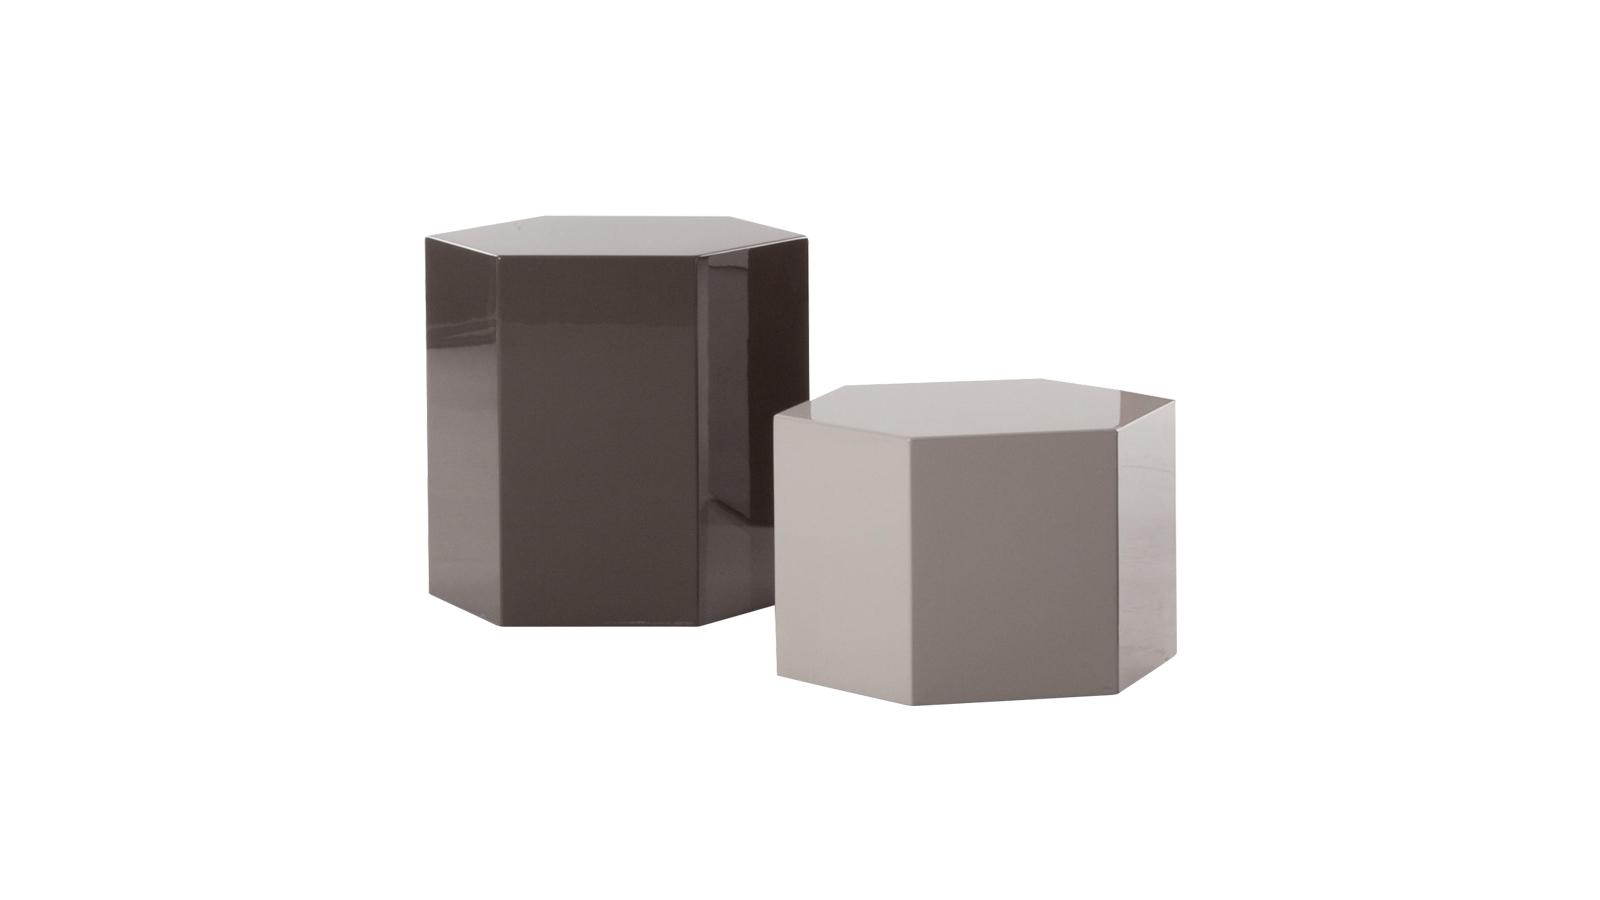 A Minotti Aeron asztala hatszögletű prizma kialakításával és fényvisszaverő lakk bevonatával csillogást hoz az alvás és a pihenés terébe. Négy visszafogott variációban kapható: homok, iszap, petróleum és corten acél színekben. Az Aeron egy masszív bútortágy, melynek középpontjában anyagszerűsége áll, tapintásra invitál, ezáltal közvetlen kapcsolatot teremt a használójával. Az Aeron asztalok több méretben kaphatóak, és bátran kombinálhatóak egymással, formák és dimenziók izgalmas játékát hozhatjuk velük létre.